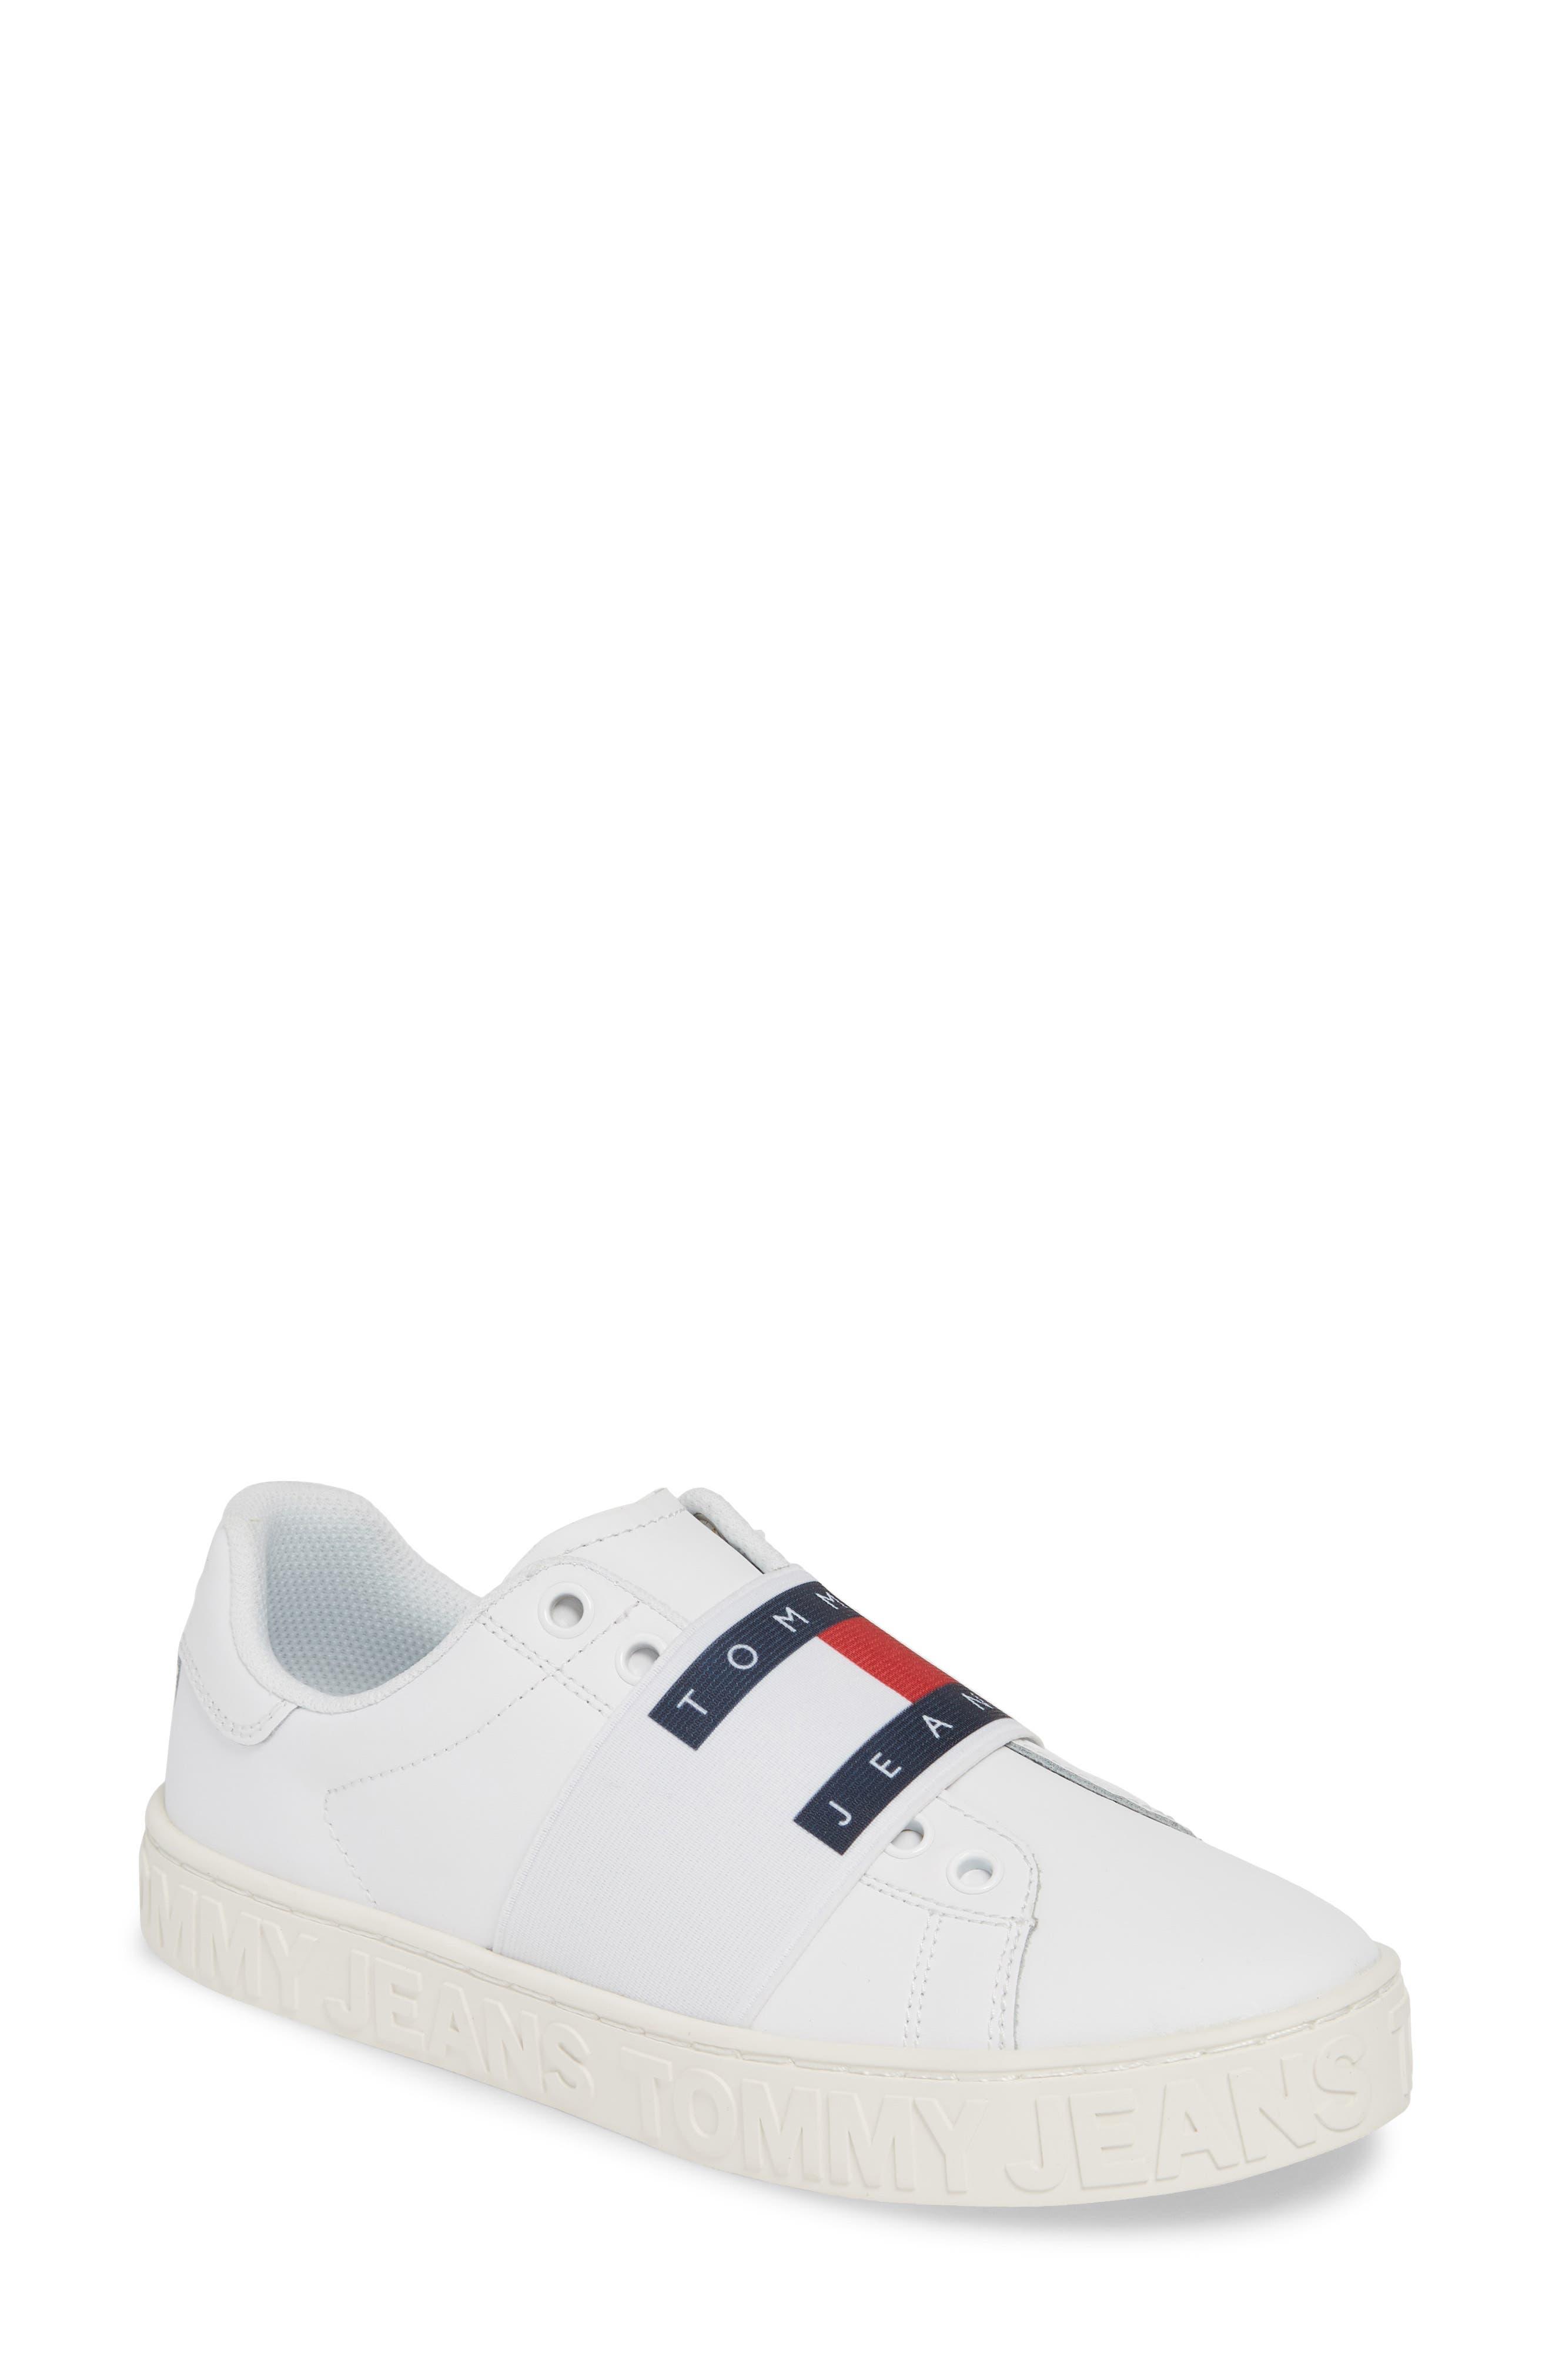 a44c5d3d1bd Women s TOMMY JEANS Shoes